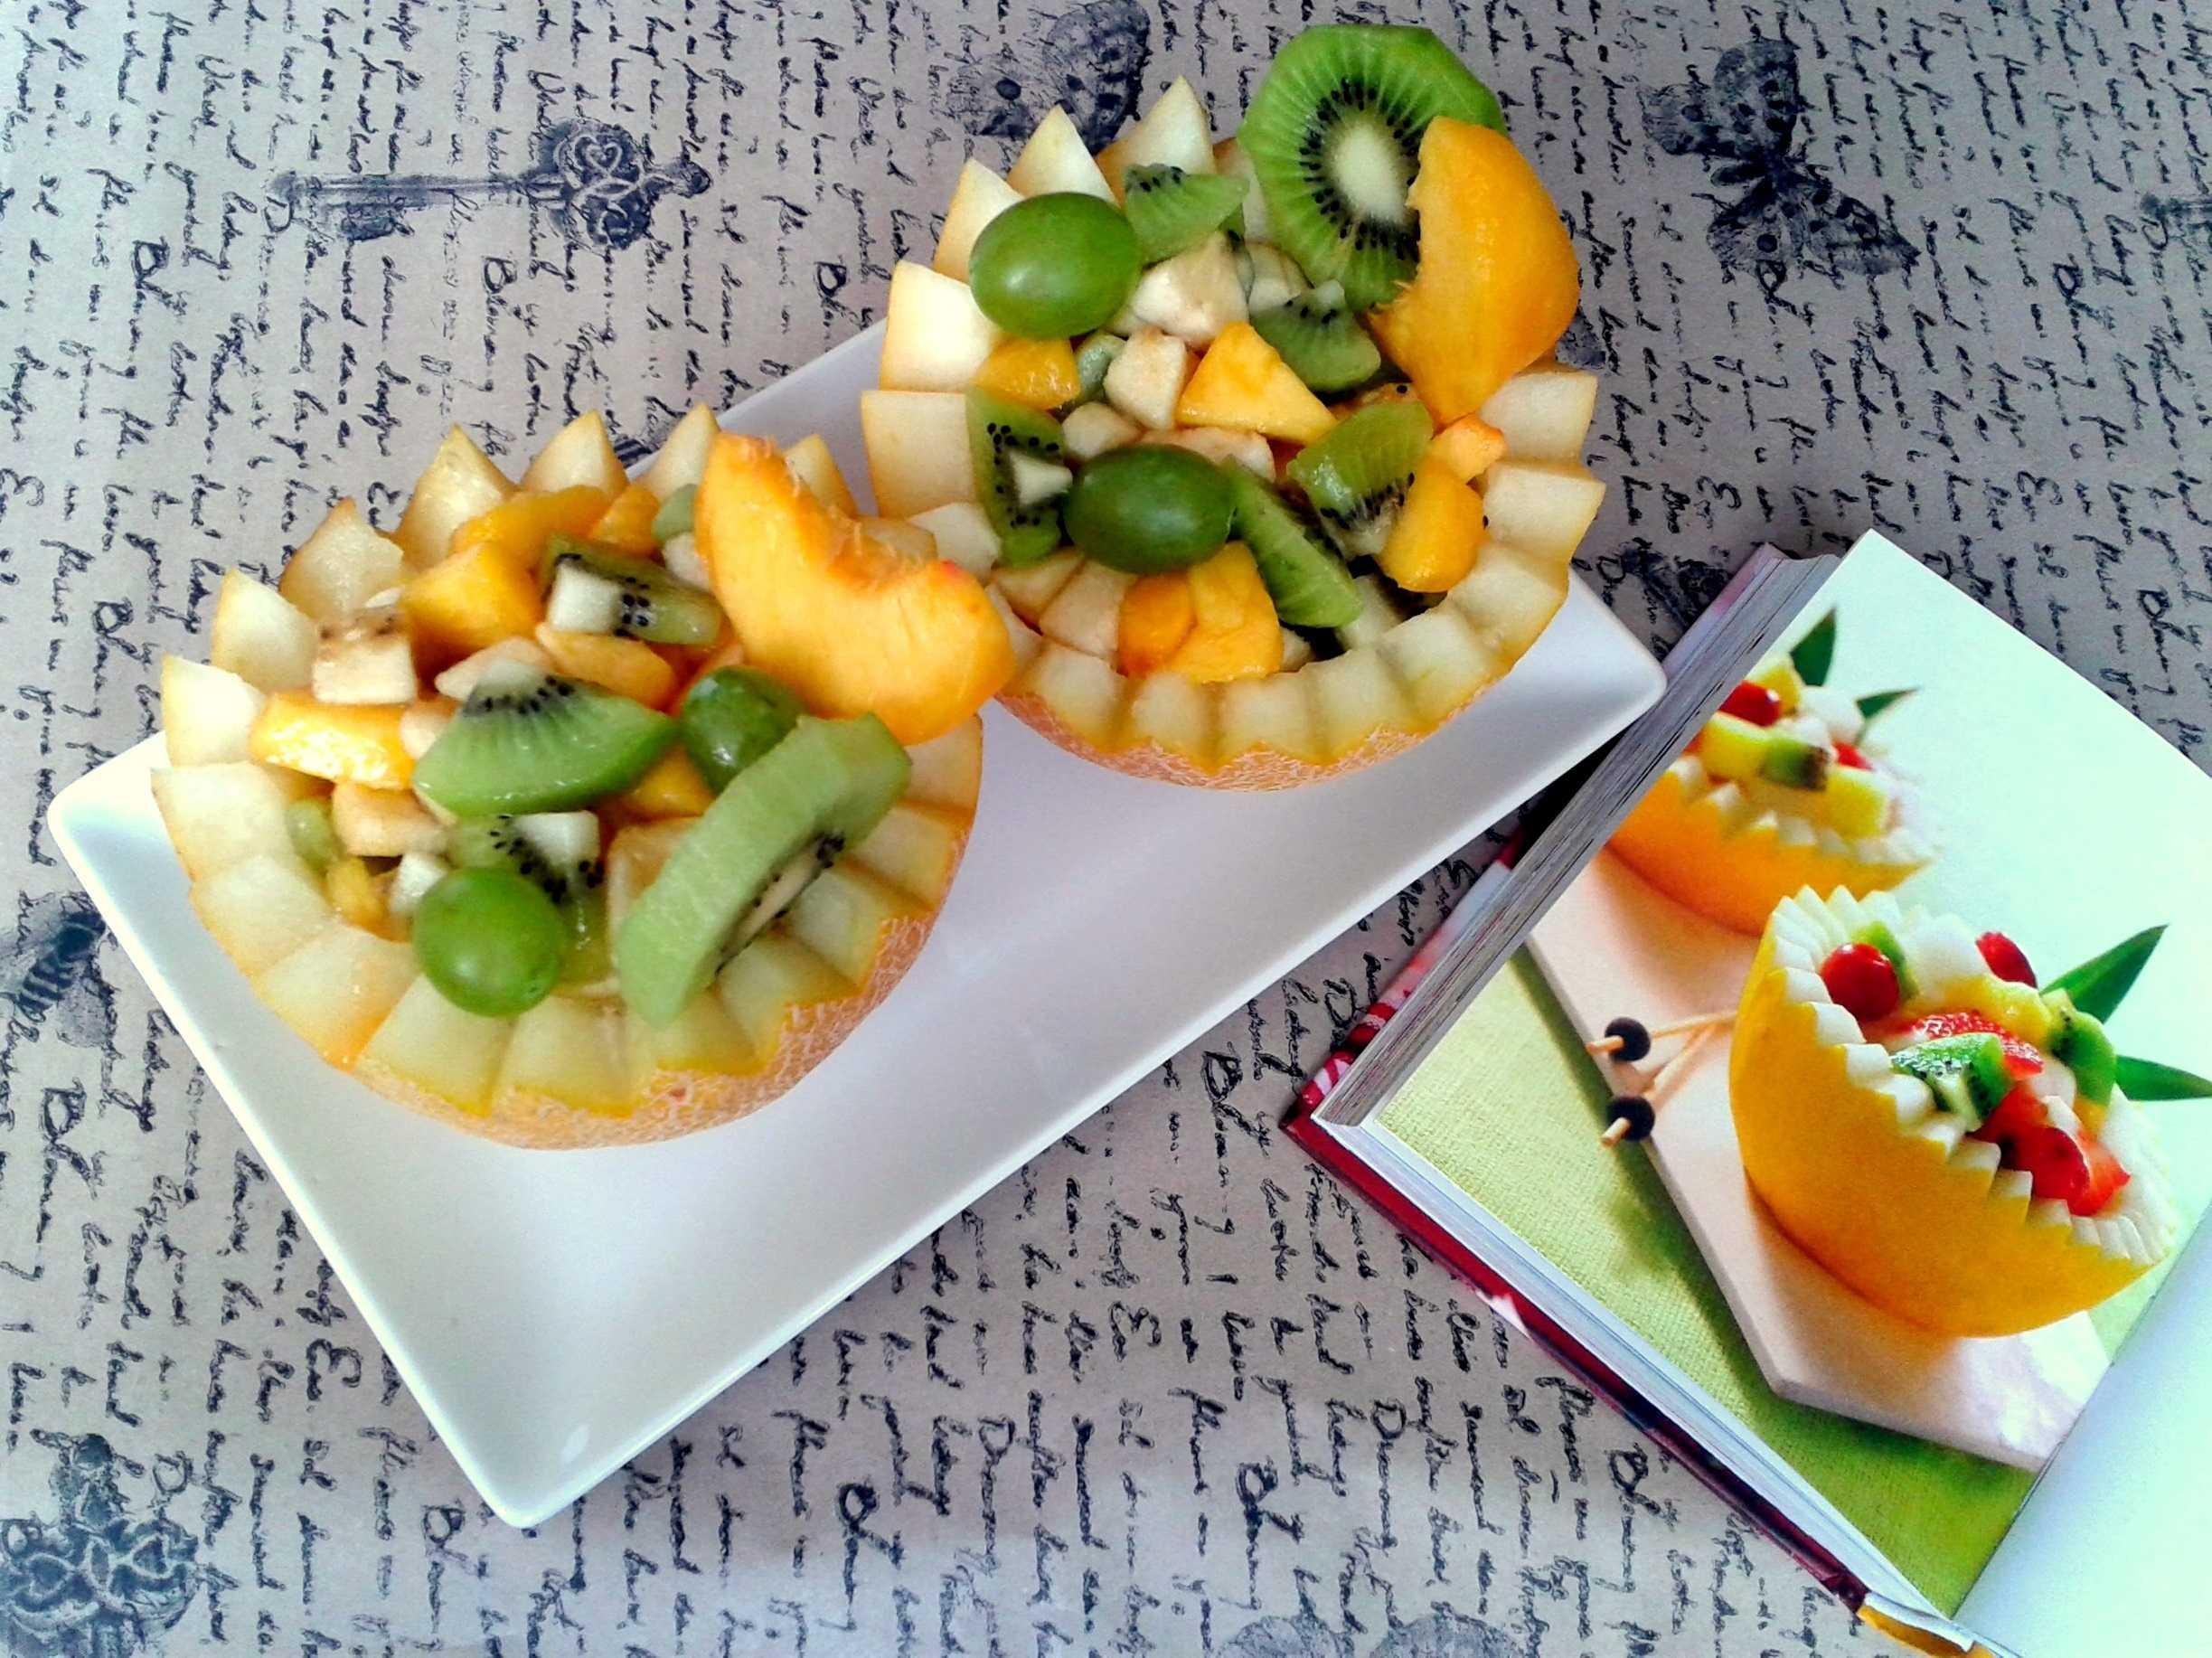 Фруктовый салат с яблоком, бананом, киви и апельсином